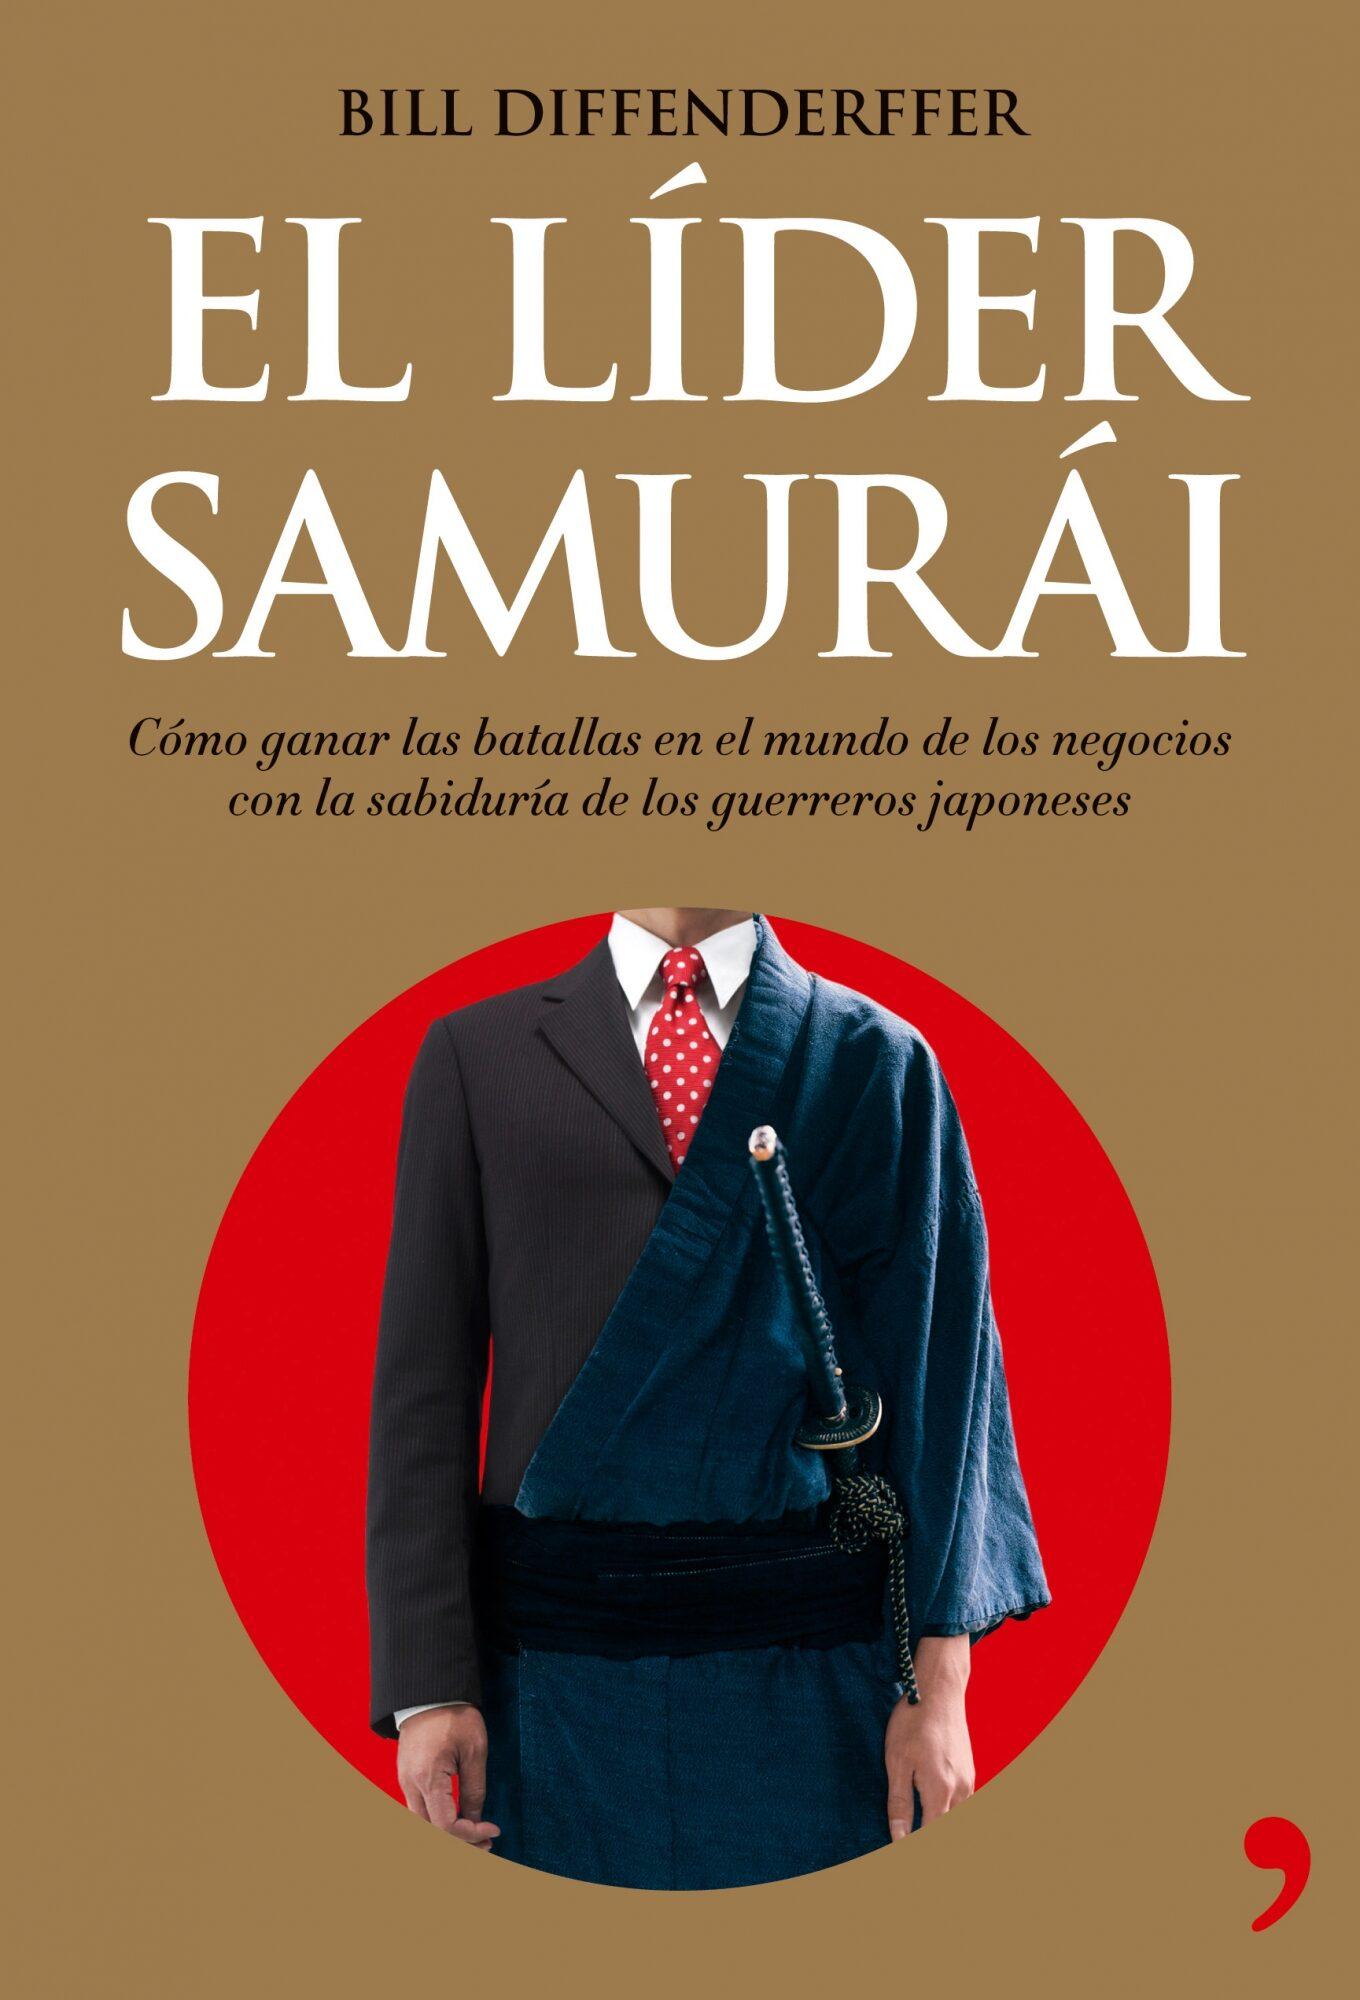 El Lider Samurai: Como Ganar Las Batallas En El Mundo De Los Nego Cios Con La Sabiduria De Los Guerreros Japoneses por Bill Diffenderffer epub